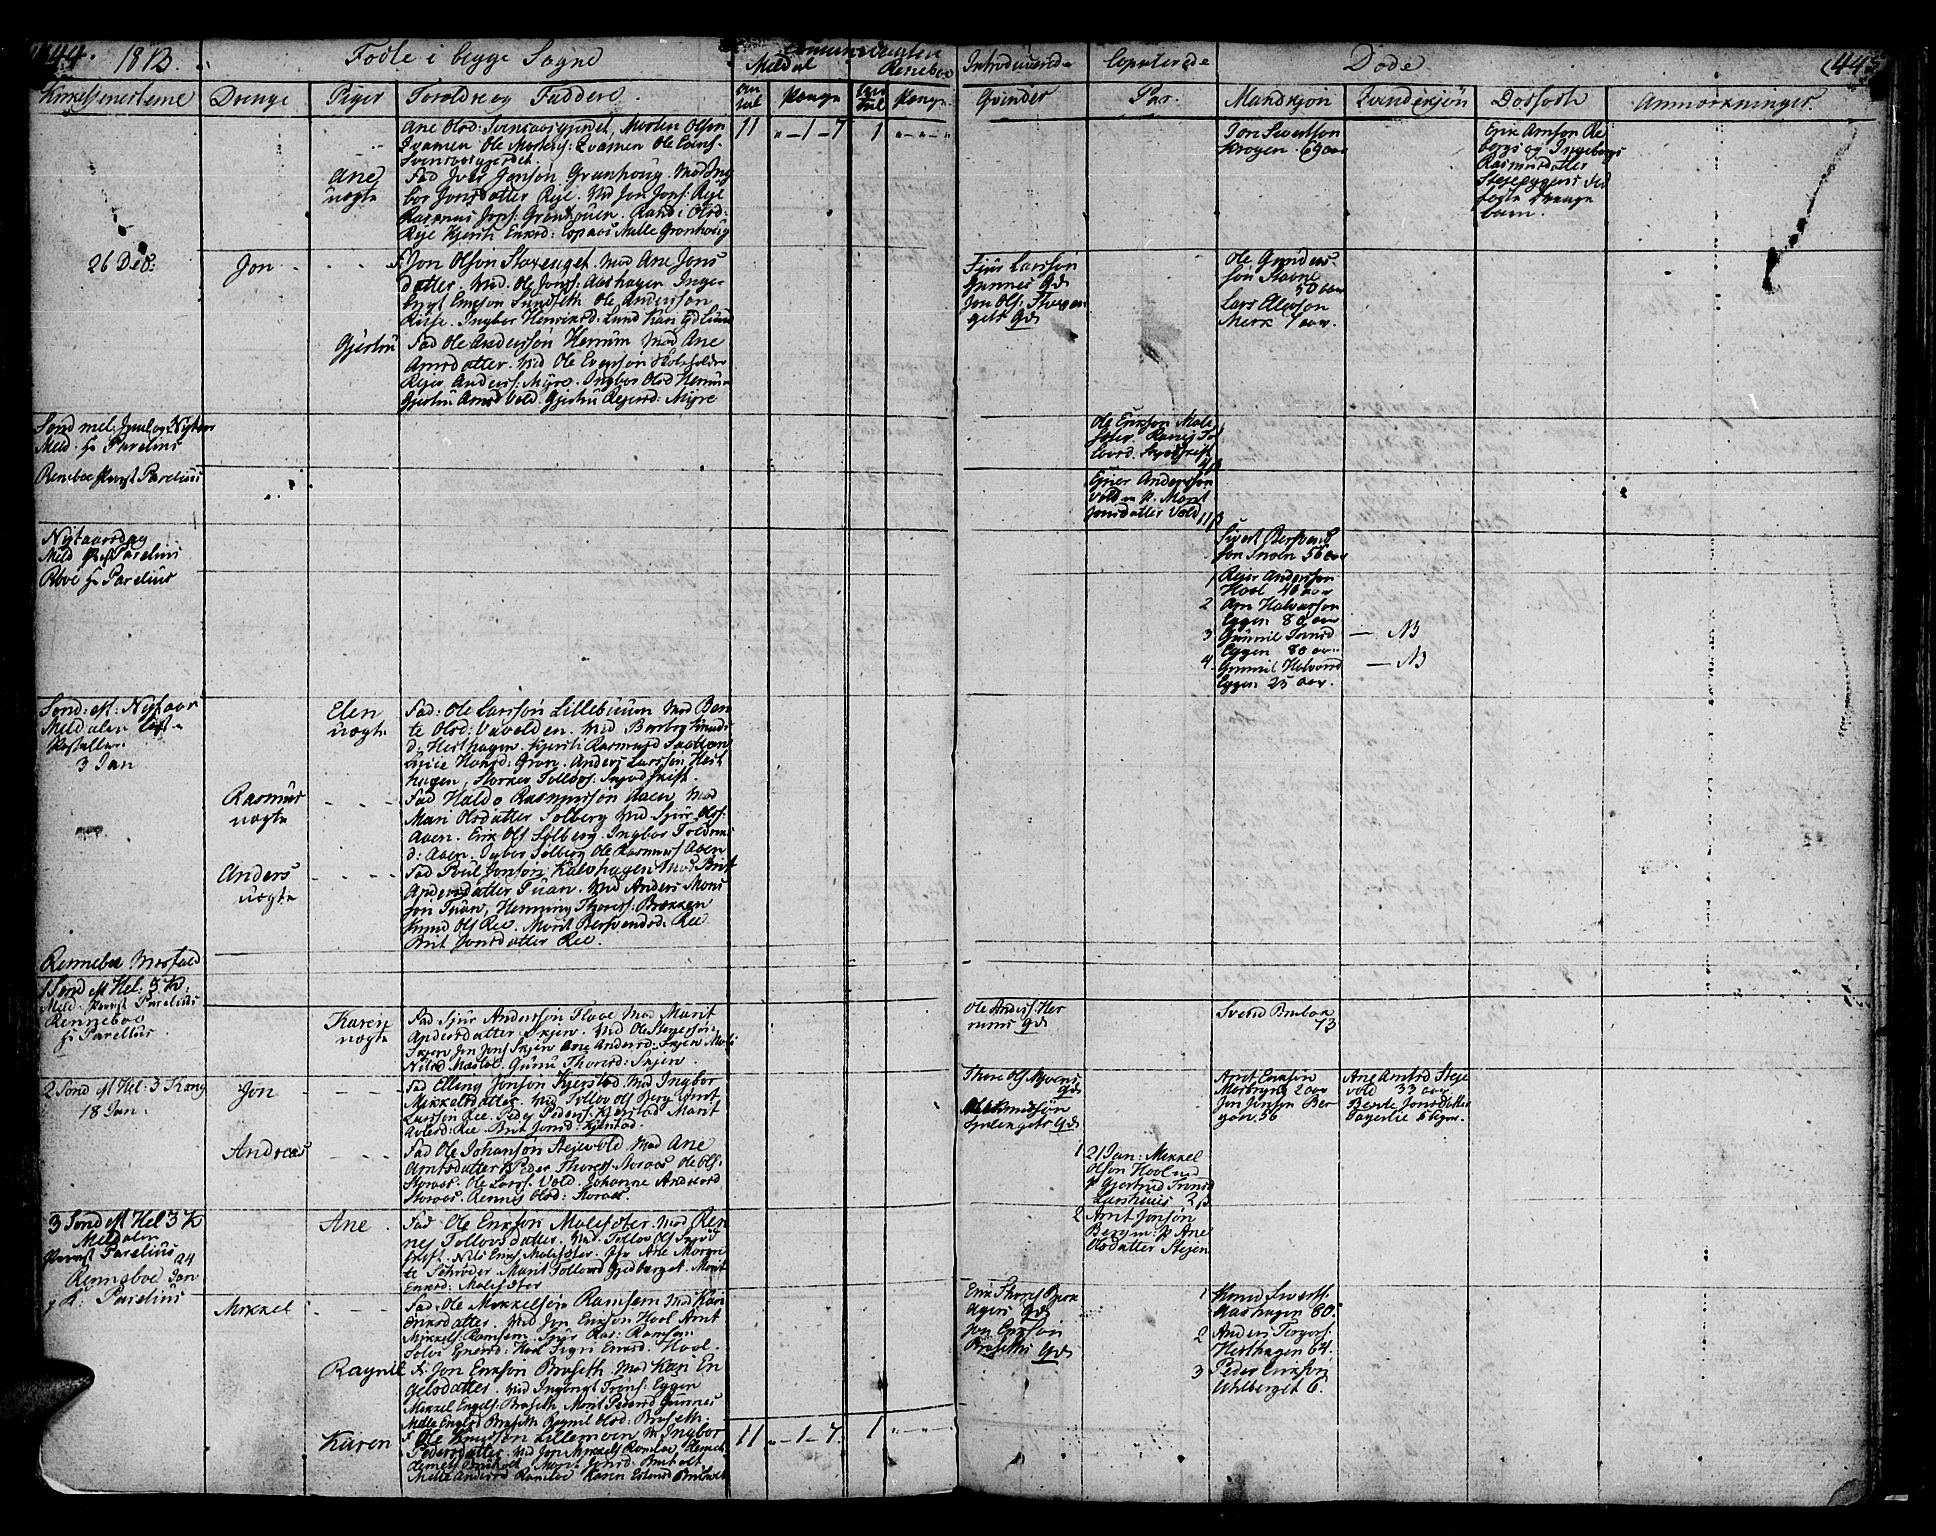 SAT, Ministerialprotokoller, klokkerbøker og fødselsregistre - Sør-Trøndelag, 672/L0852: Ministerialbok nr. 672A05, 1776-1815, s. 444-445